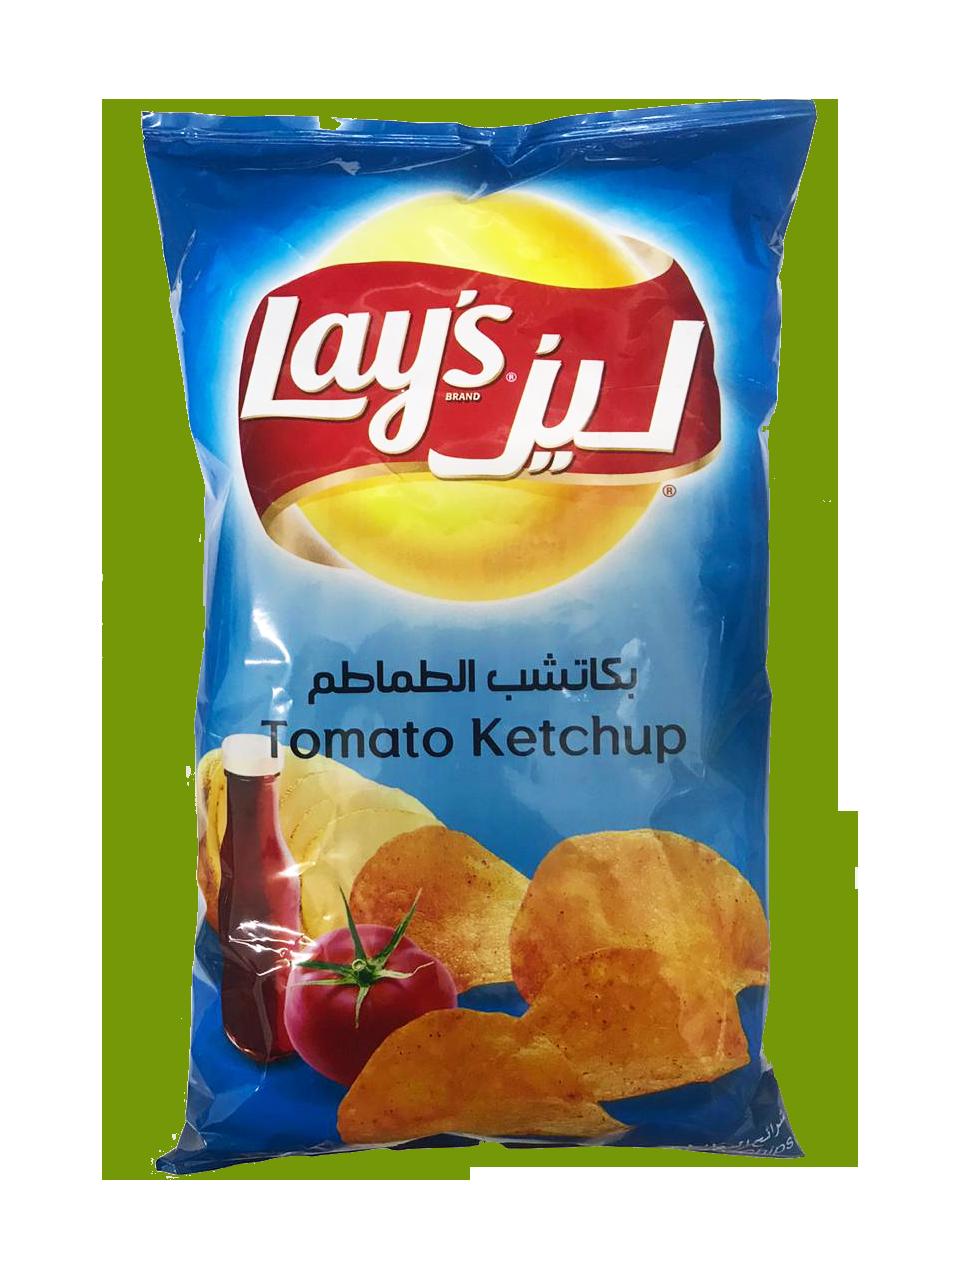 Lays Tomato Ketchup 185g (Big)